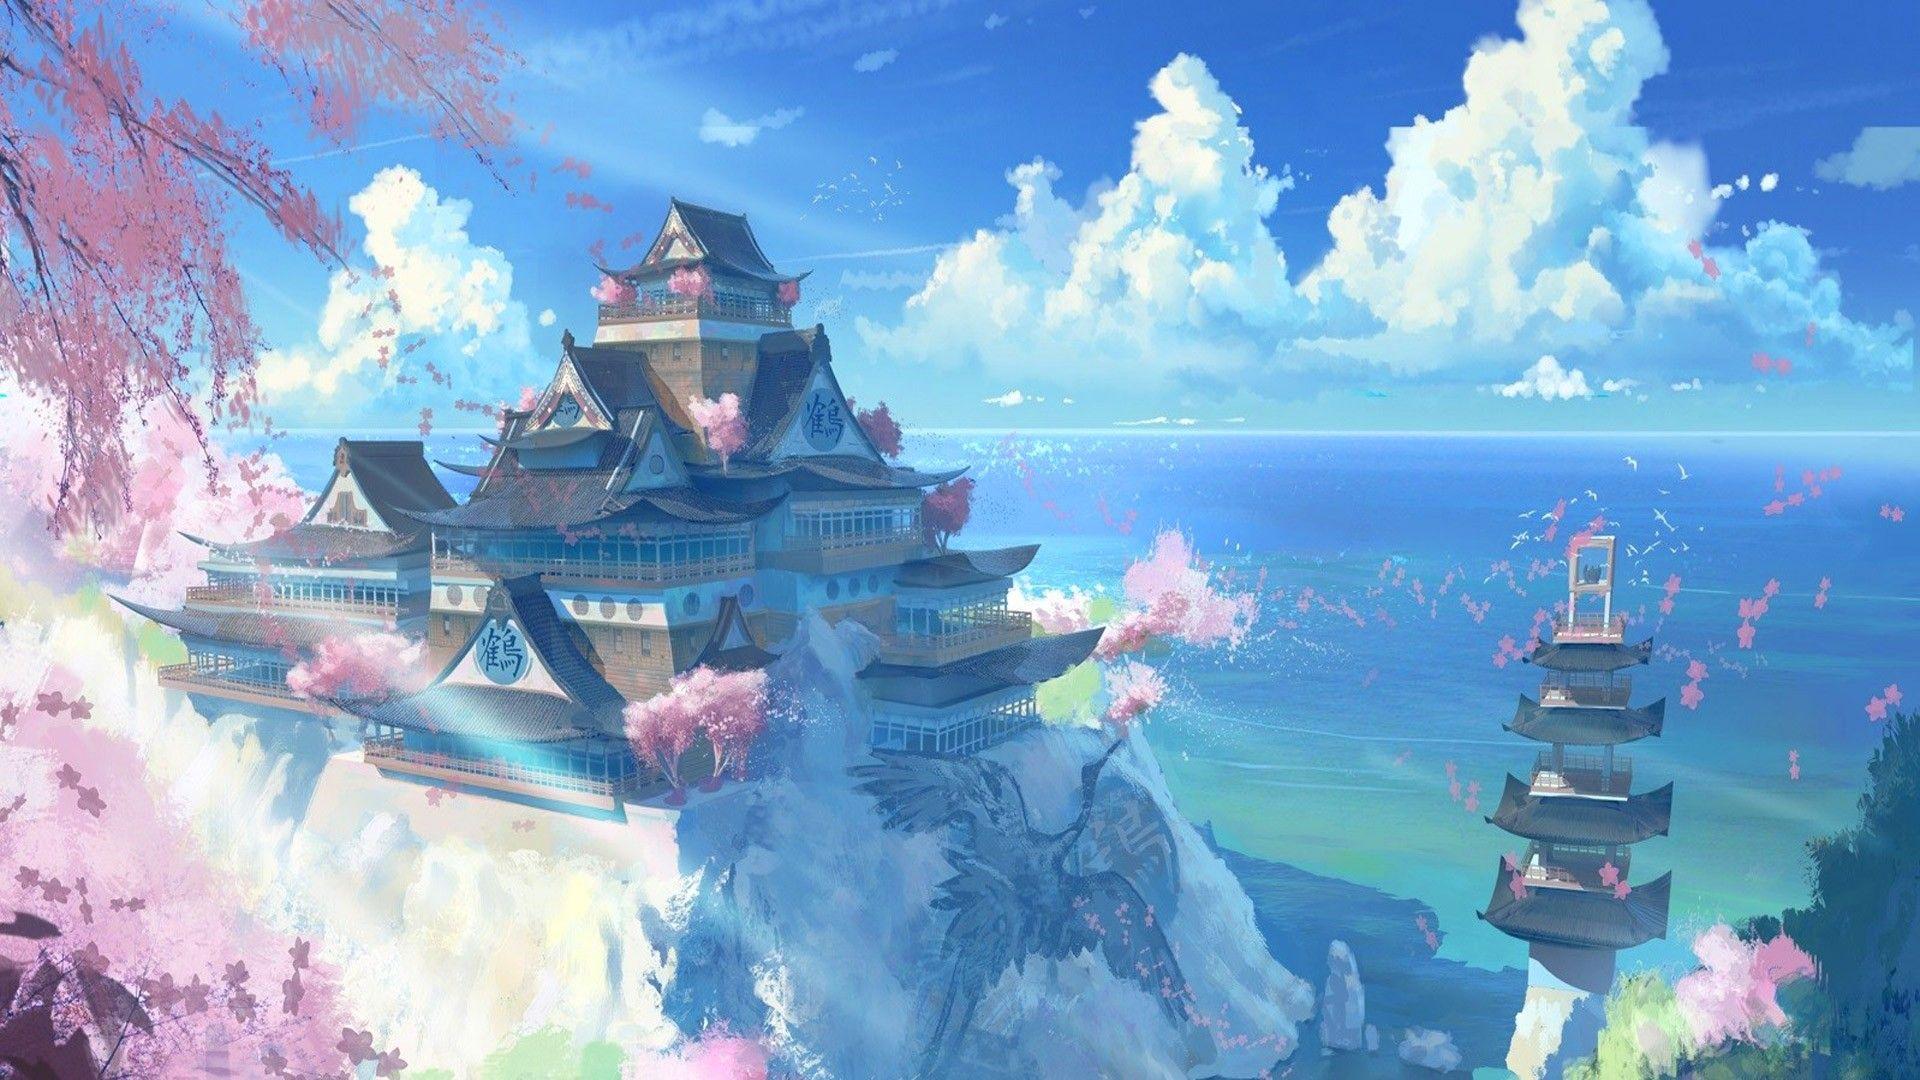 Resultado De Imagen Para Anime Scenery 1366x768 Wallpaper Hd Anime Estetico Fondos De Pantalla Esteticos